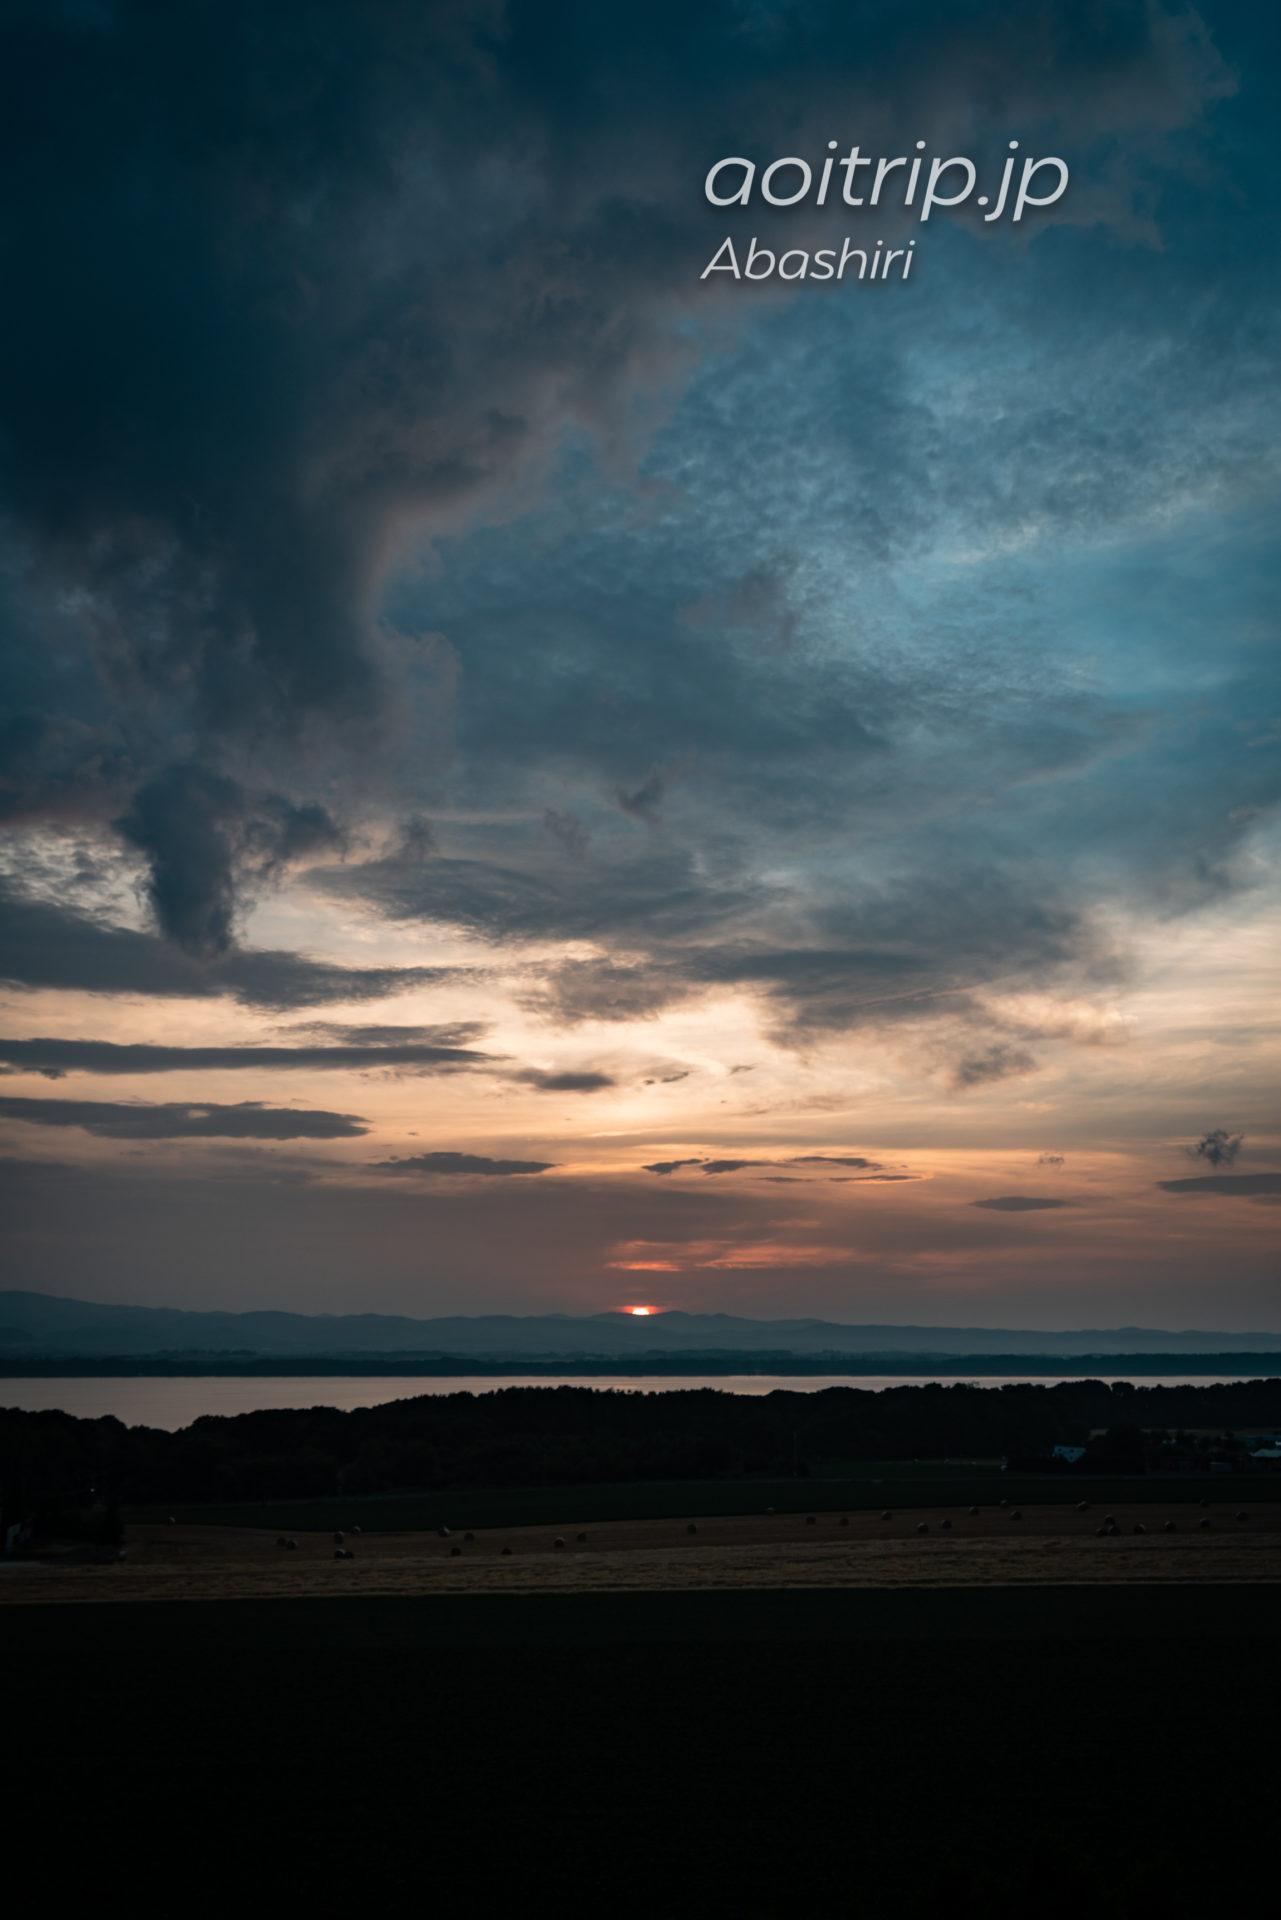 北天の丘あばしり湖鶴雅リゾート 網走湖側の夕日